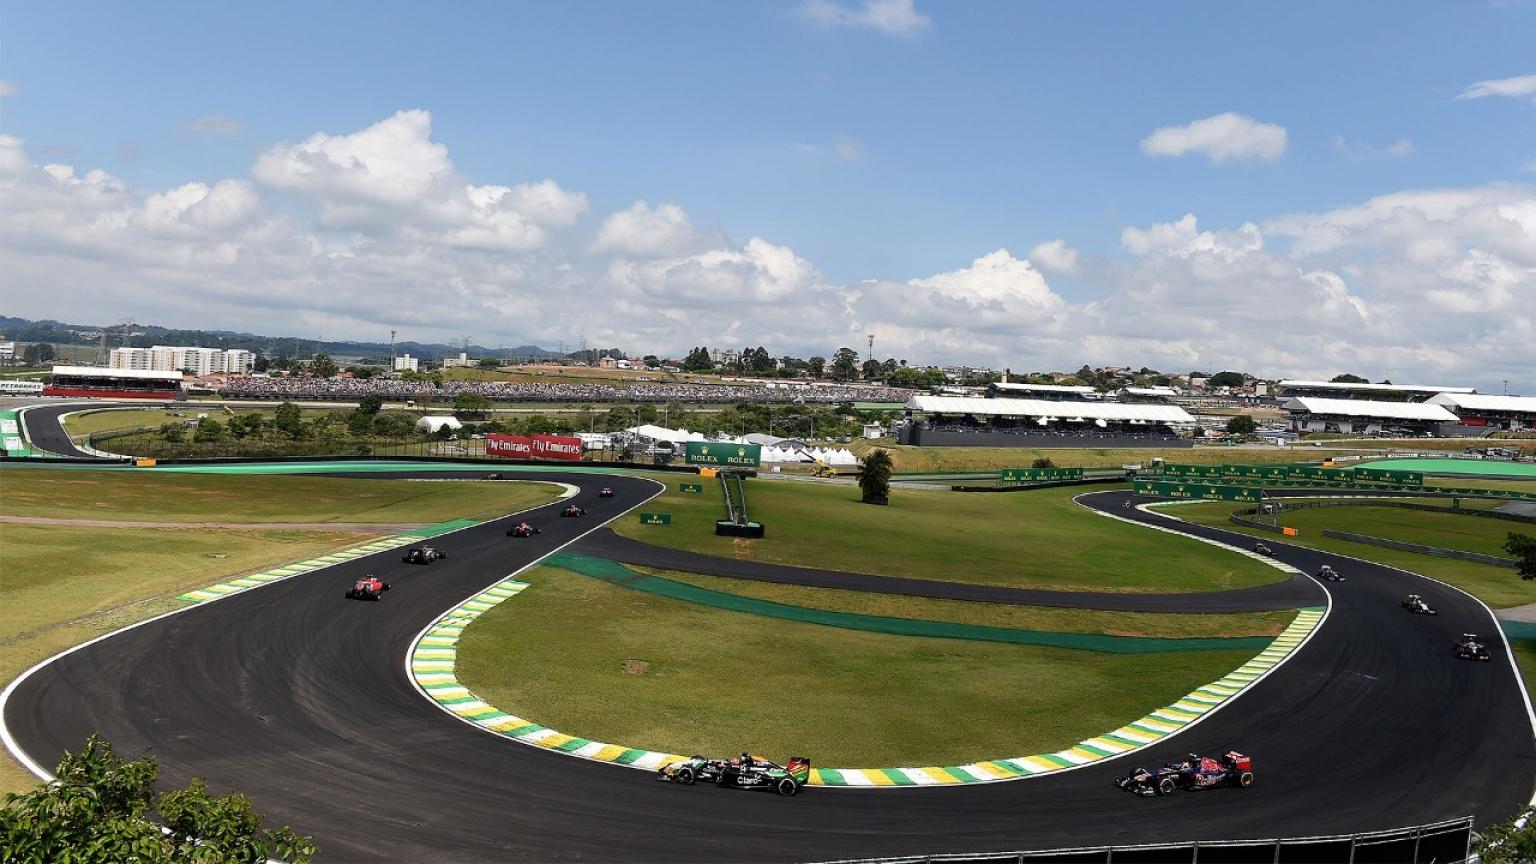 Autódromo de Interlagos vai continuar com charme depois de reforma (Foto: Reprodução)